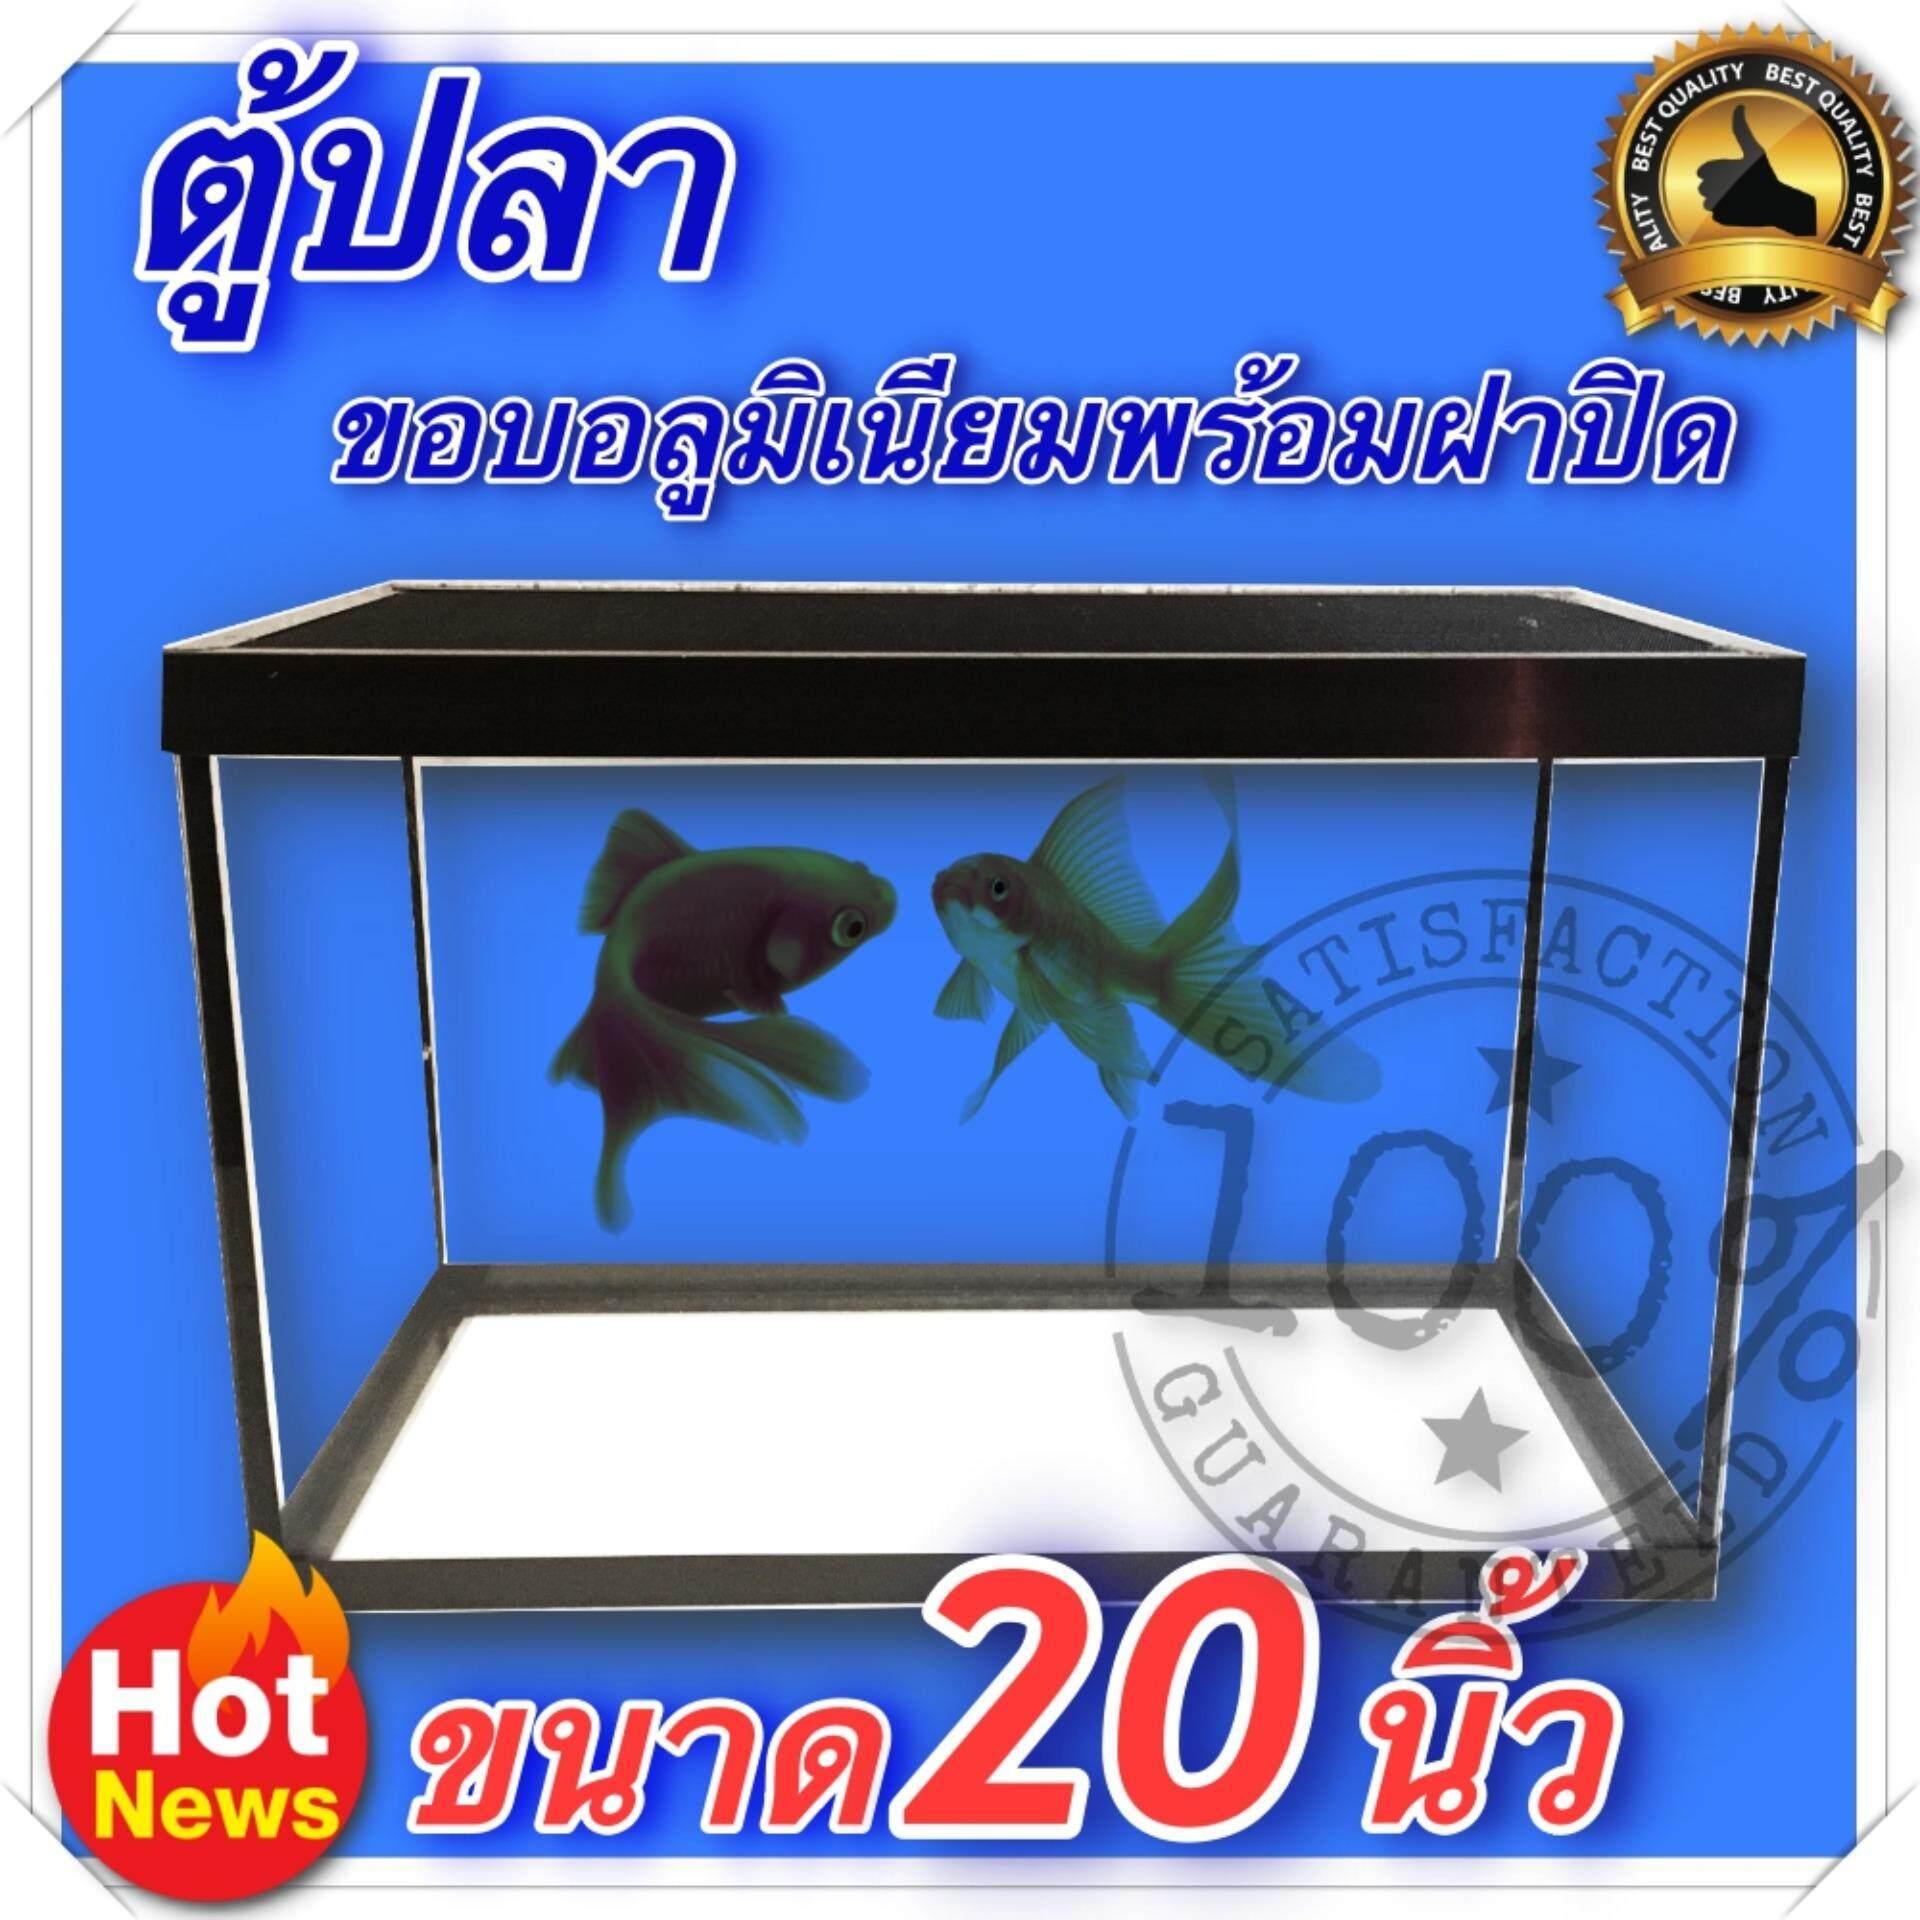 ตู้ปลา ตู้กระดิ่งเงิน กระดิ่งทอง ตู้โชว์ ตู้กระจก ขอบอลูมิเนียม พร้อมฝาปิด ขนาด 20 นิ้ว